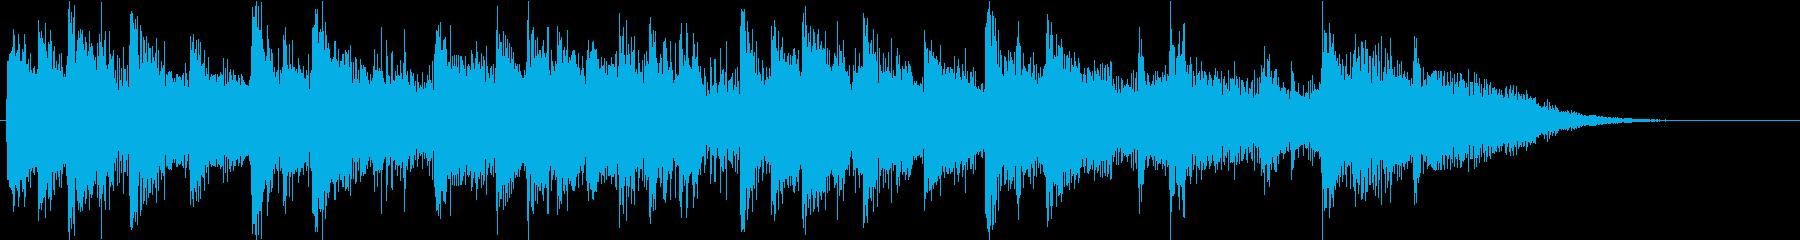 ピアノと弦の円舞曲風アイキャッチの再生済みの波形